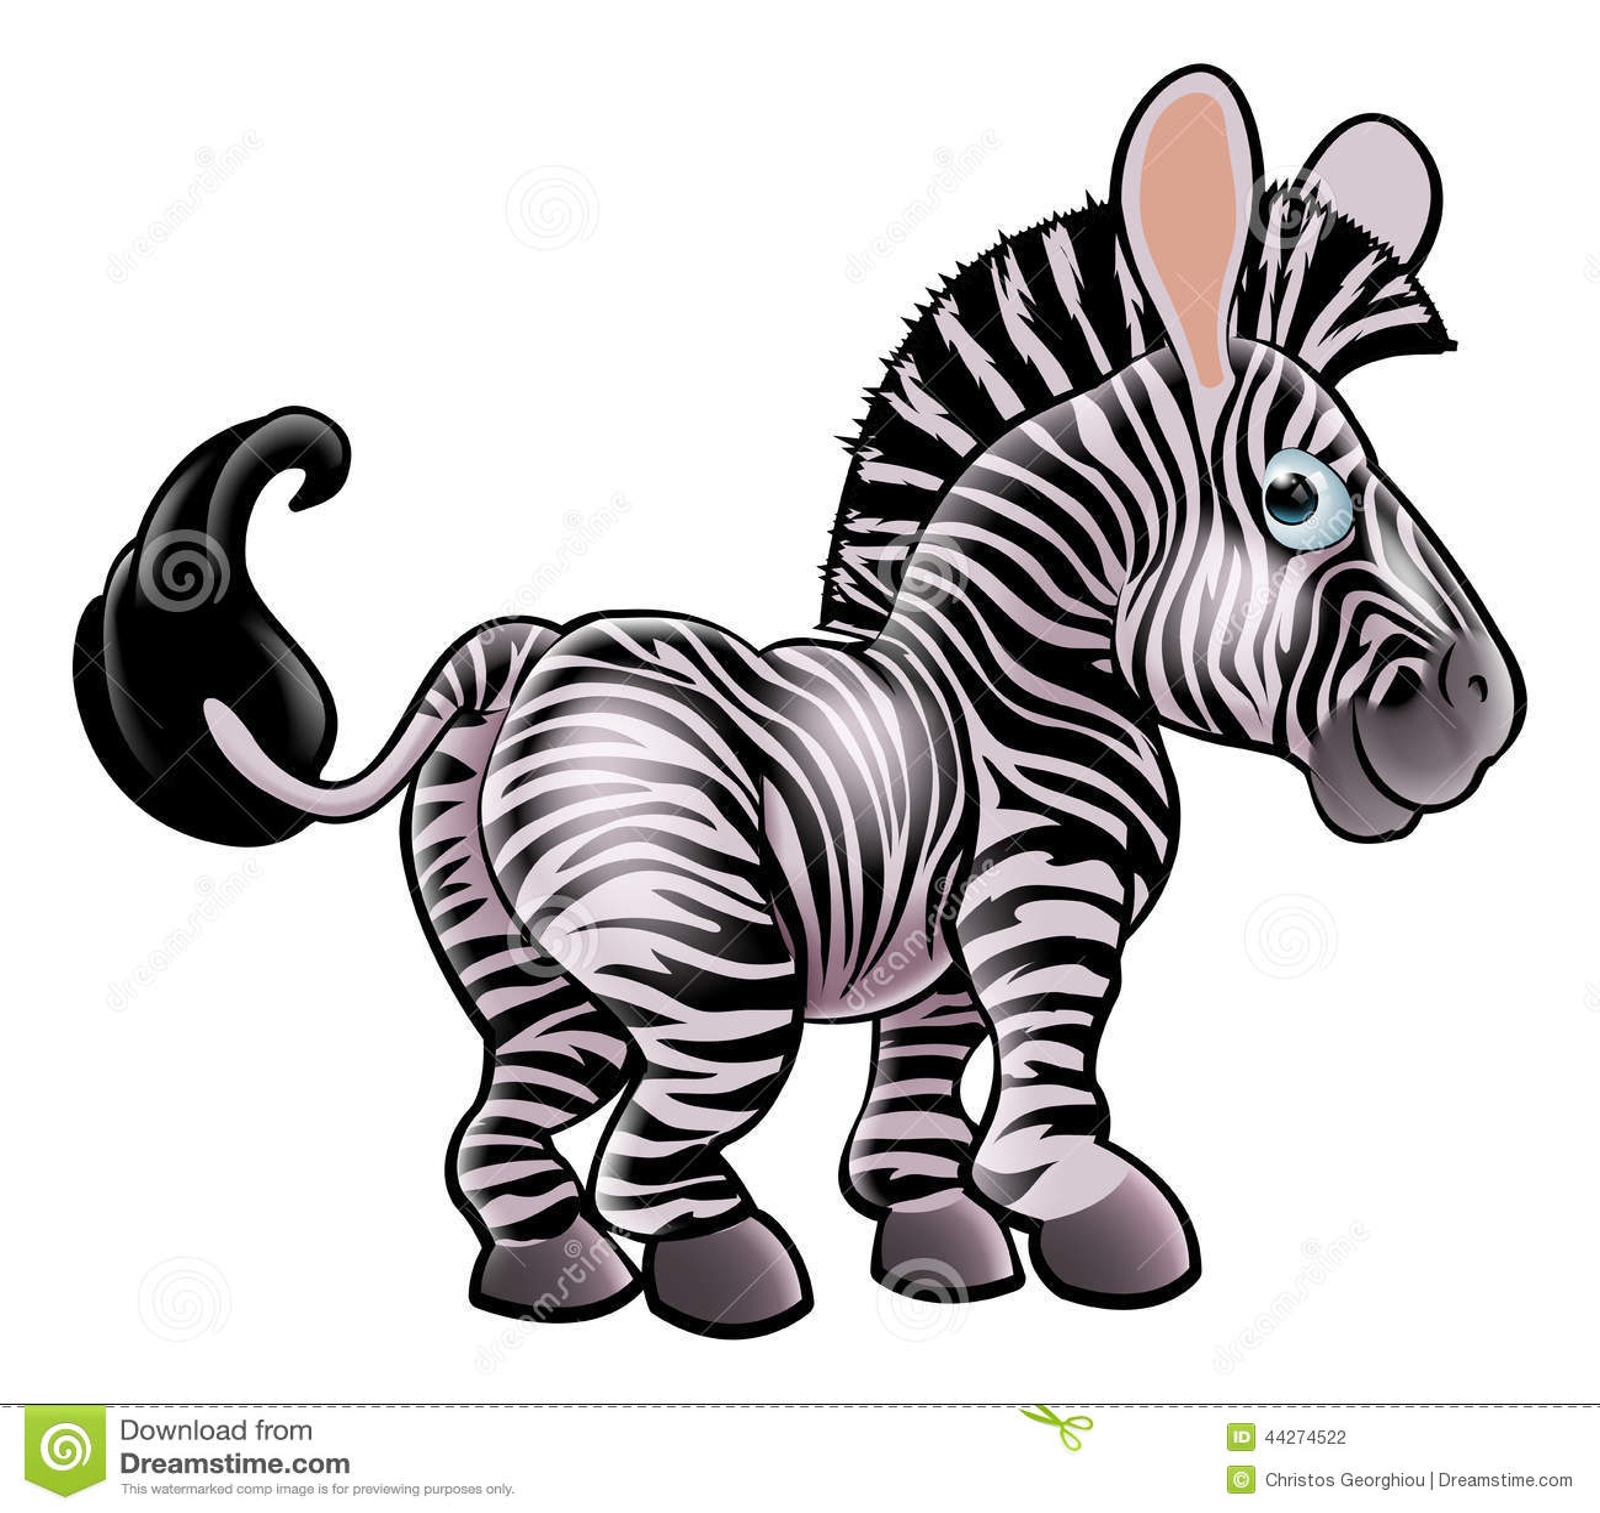 Cartoon Characters Zebra : Cartoon zebra stock vector image